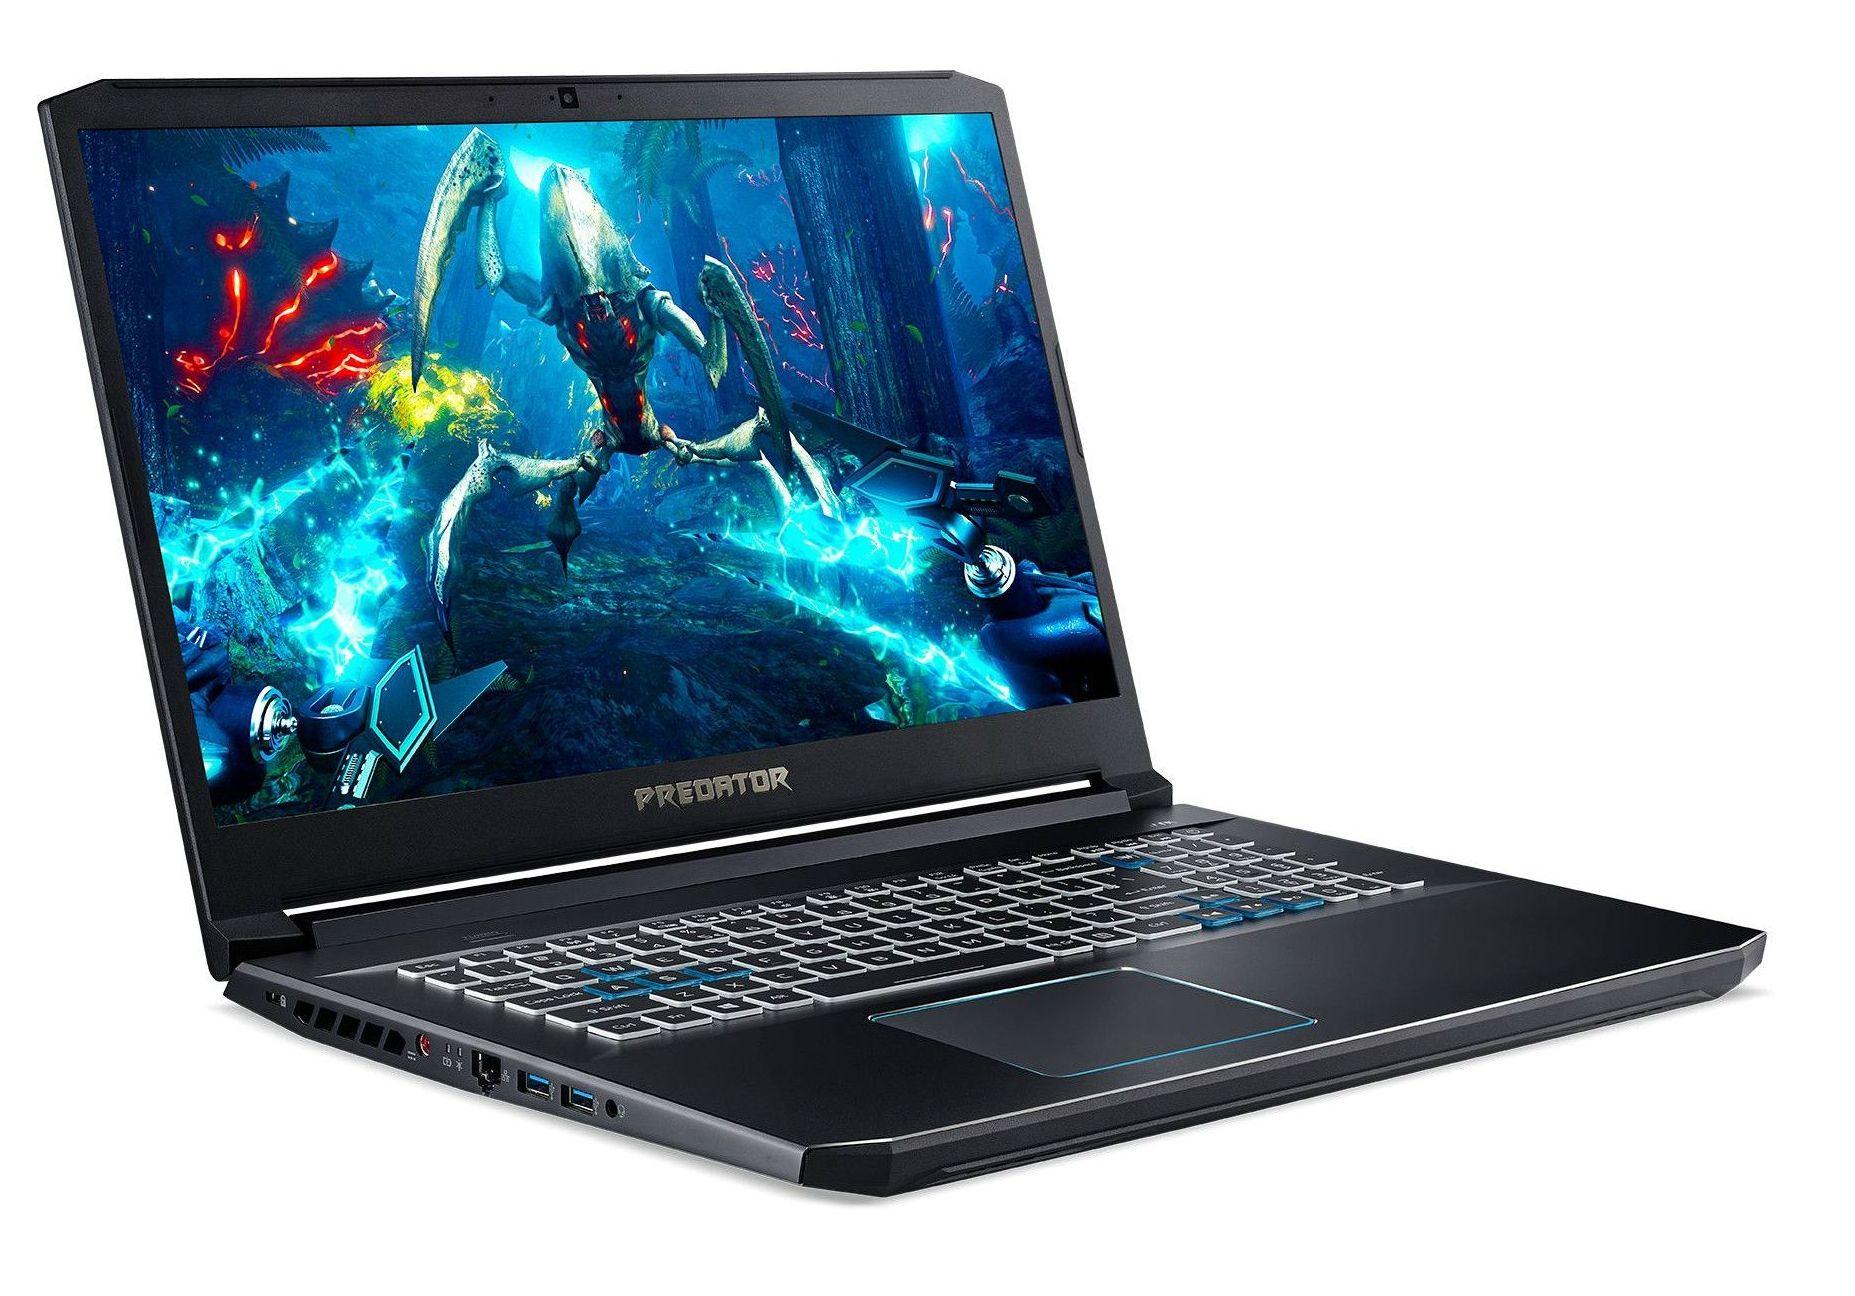 Гейминг лаптоп Acer - PH317-53-73V1, черен - 3